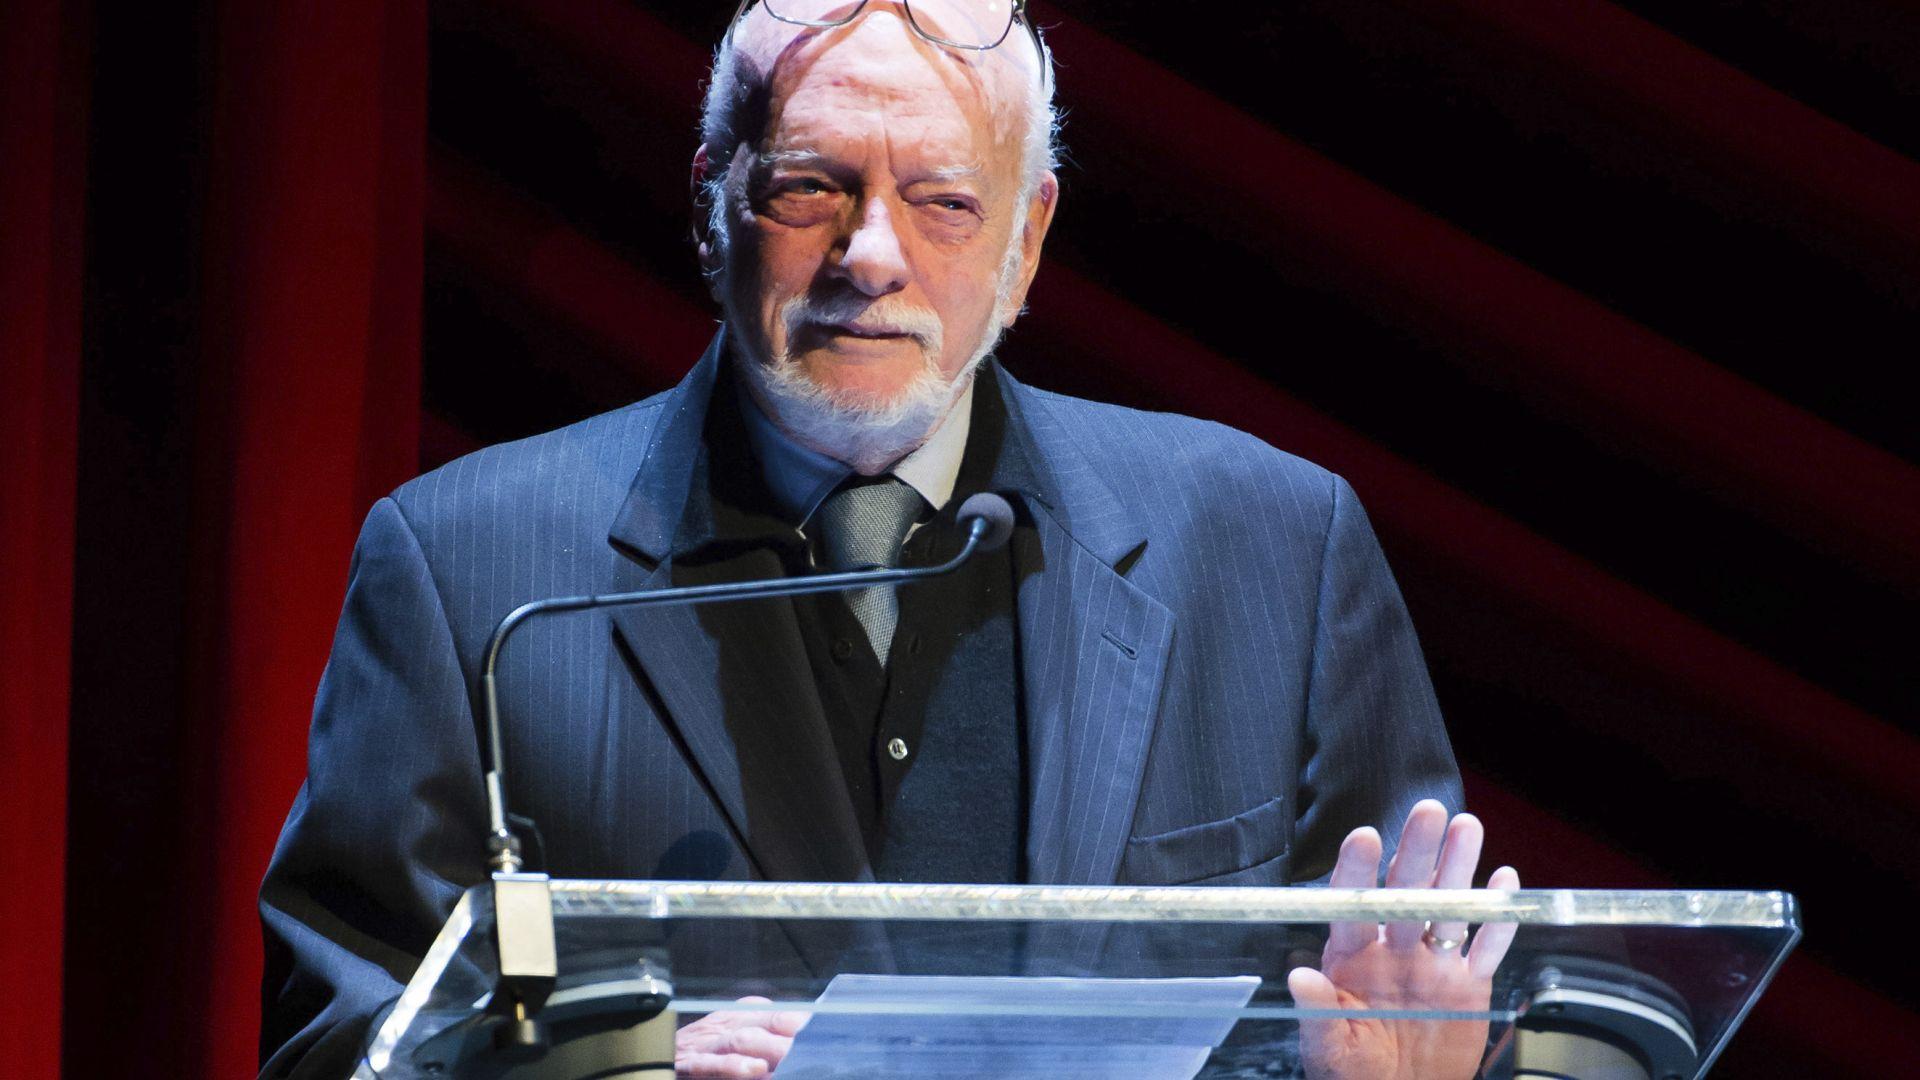 """Почина Харолд Принс, създал мюзикълите """"Фантомът от операта"""" и """"Кабаре"""""""